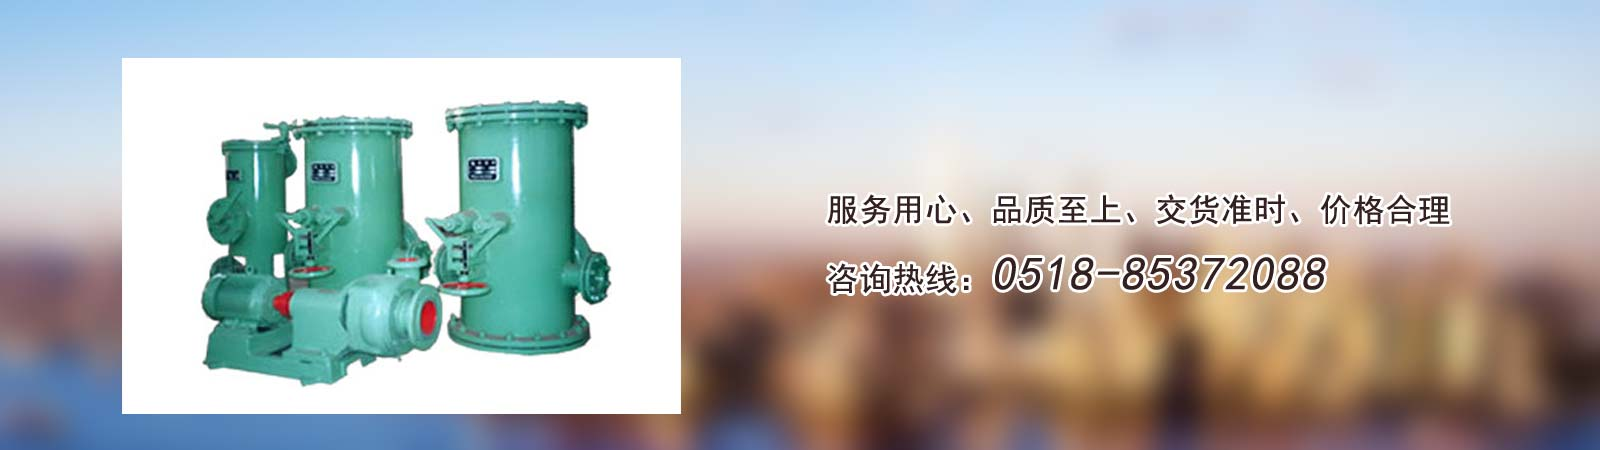 连云港振辉机械设备有限公司